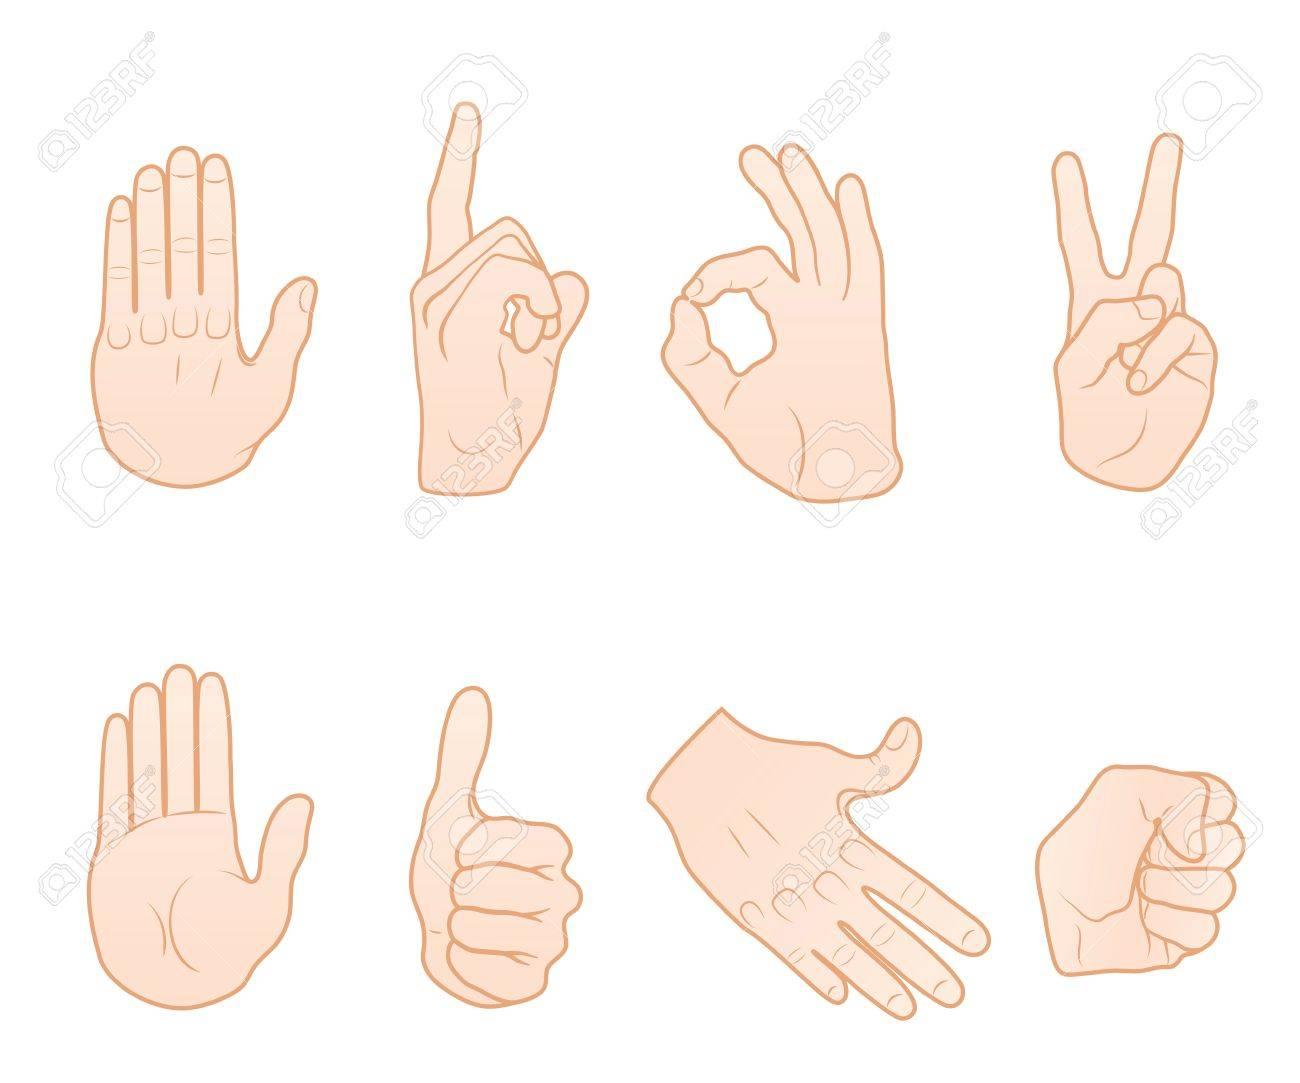 Hand gestures - 9811335